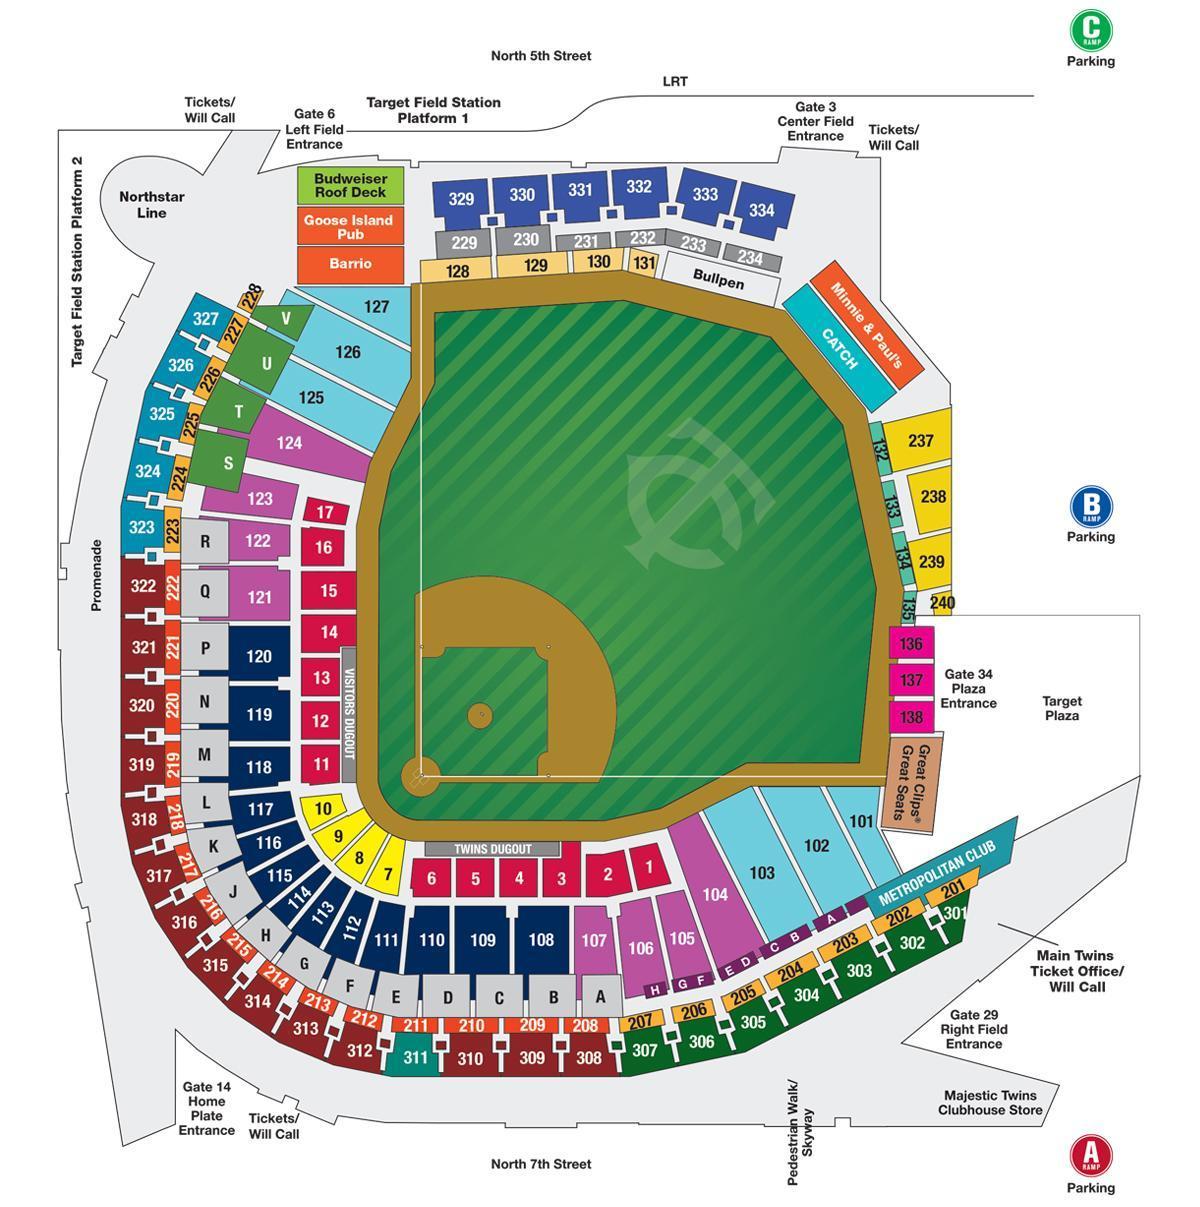 Chicago Subway Map Wrigley Field.Wrigley Field Map Wrigley Field Seating Map With Seat Numbers